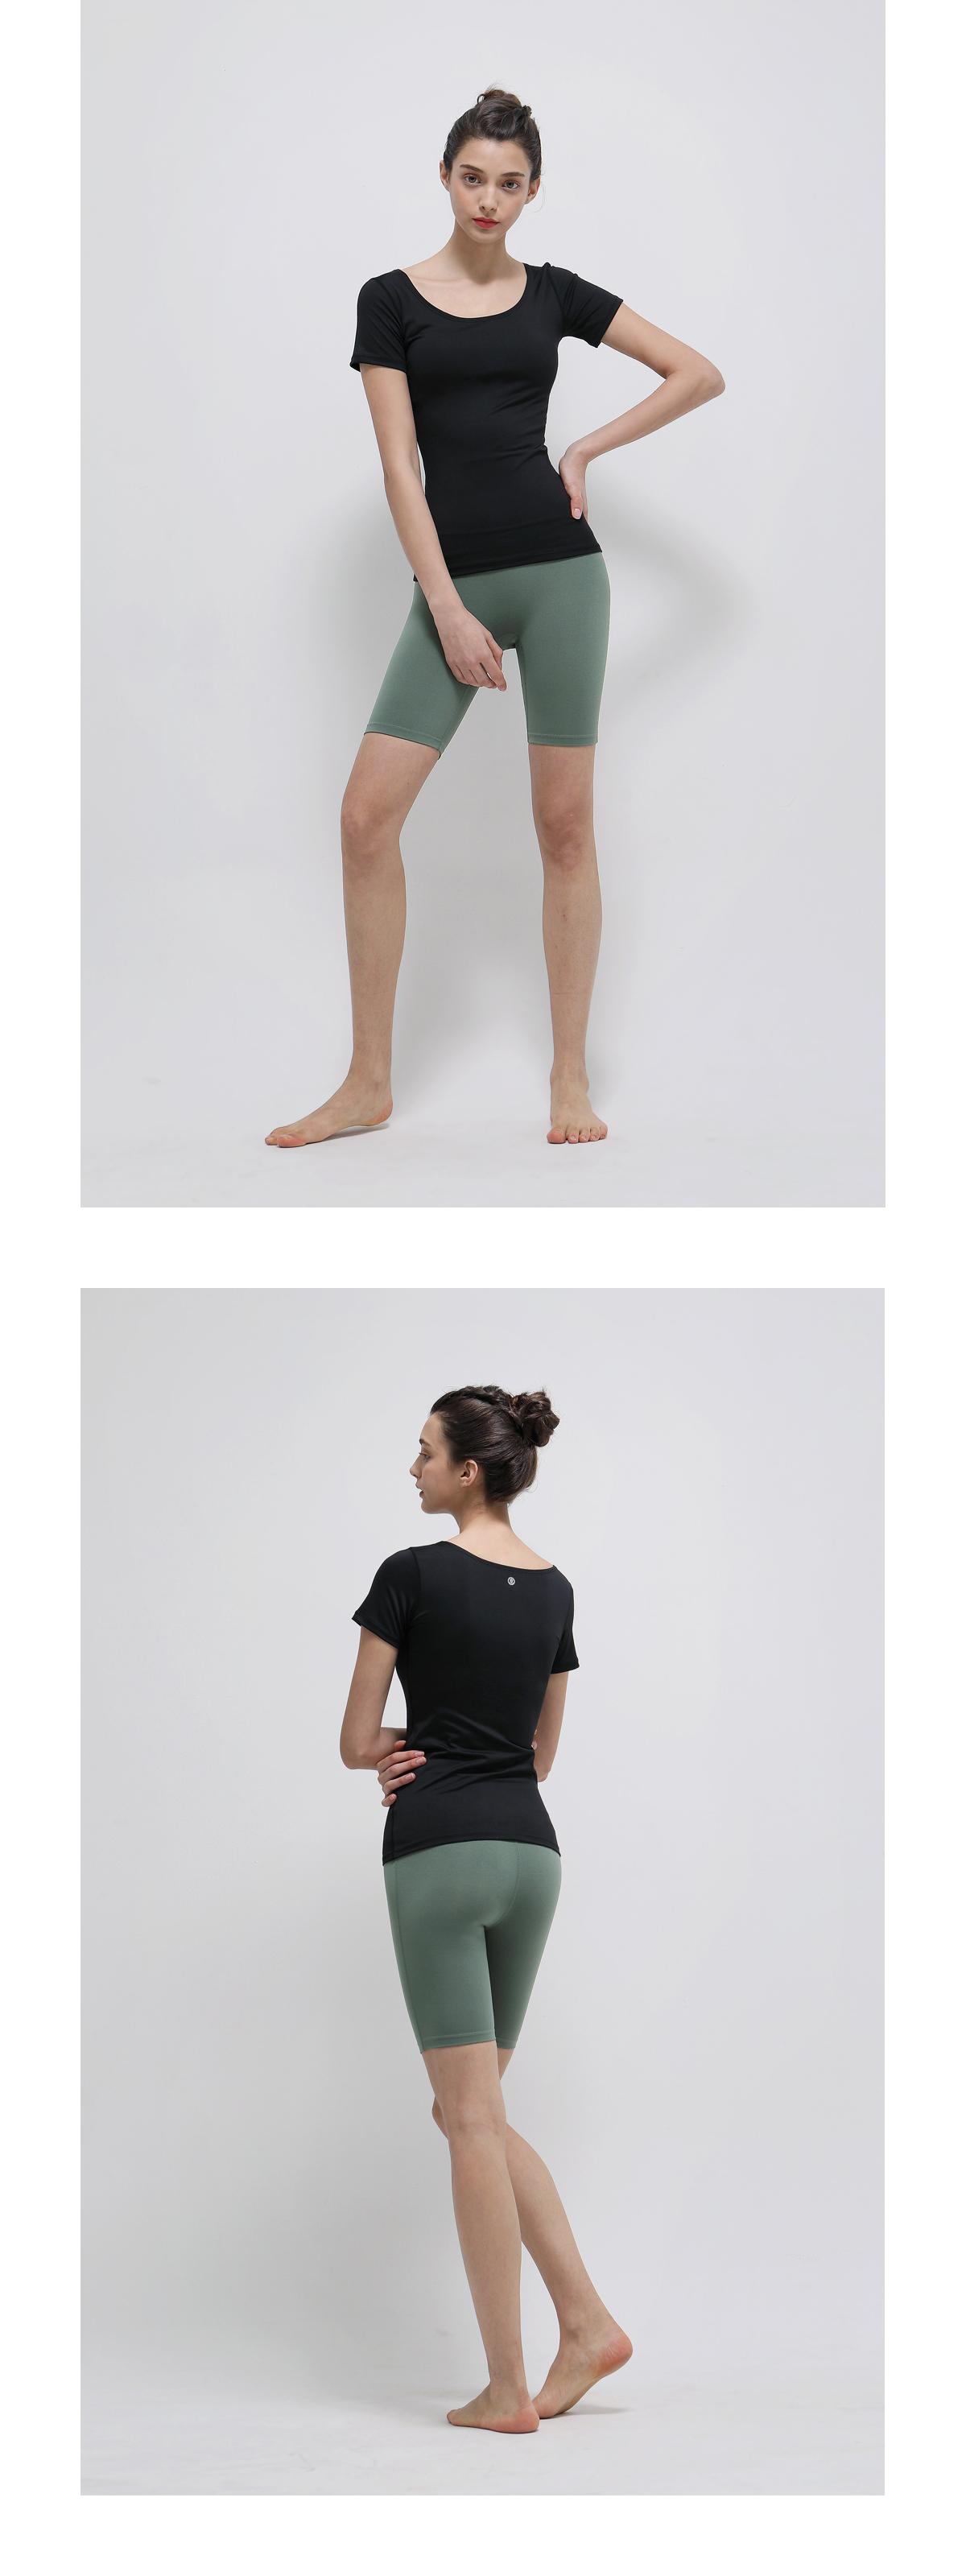 데비웨어(DEVIWEAR) 여성 요가복 DEVI-B0013-블랙 필라테스 레깅스 5부팬츠